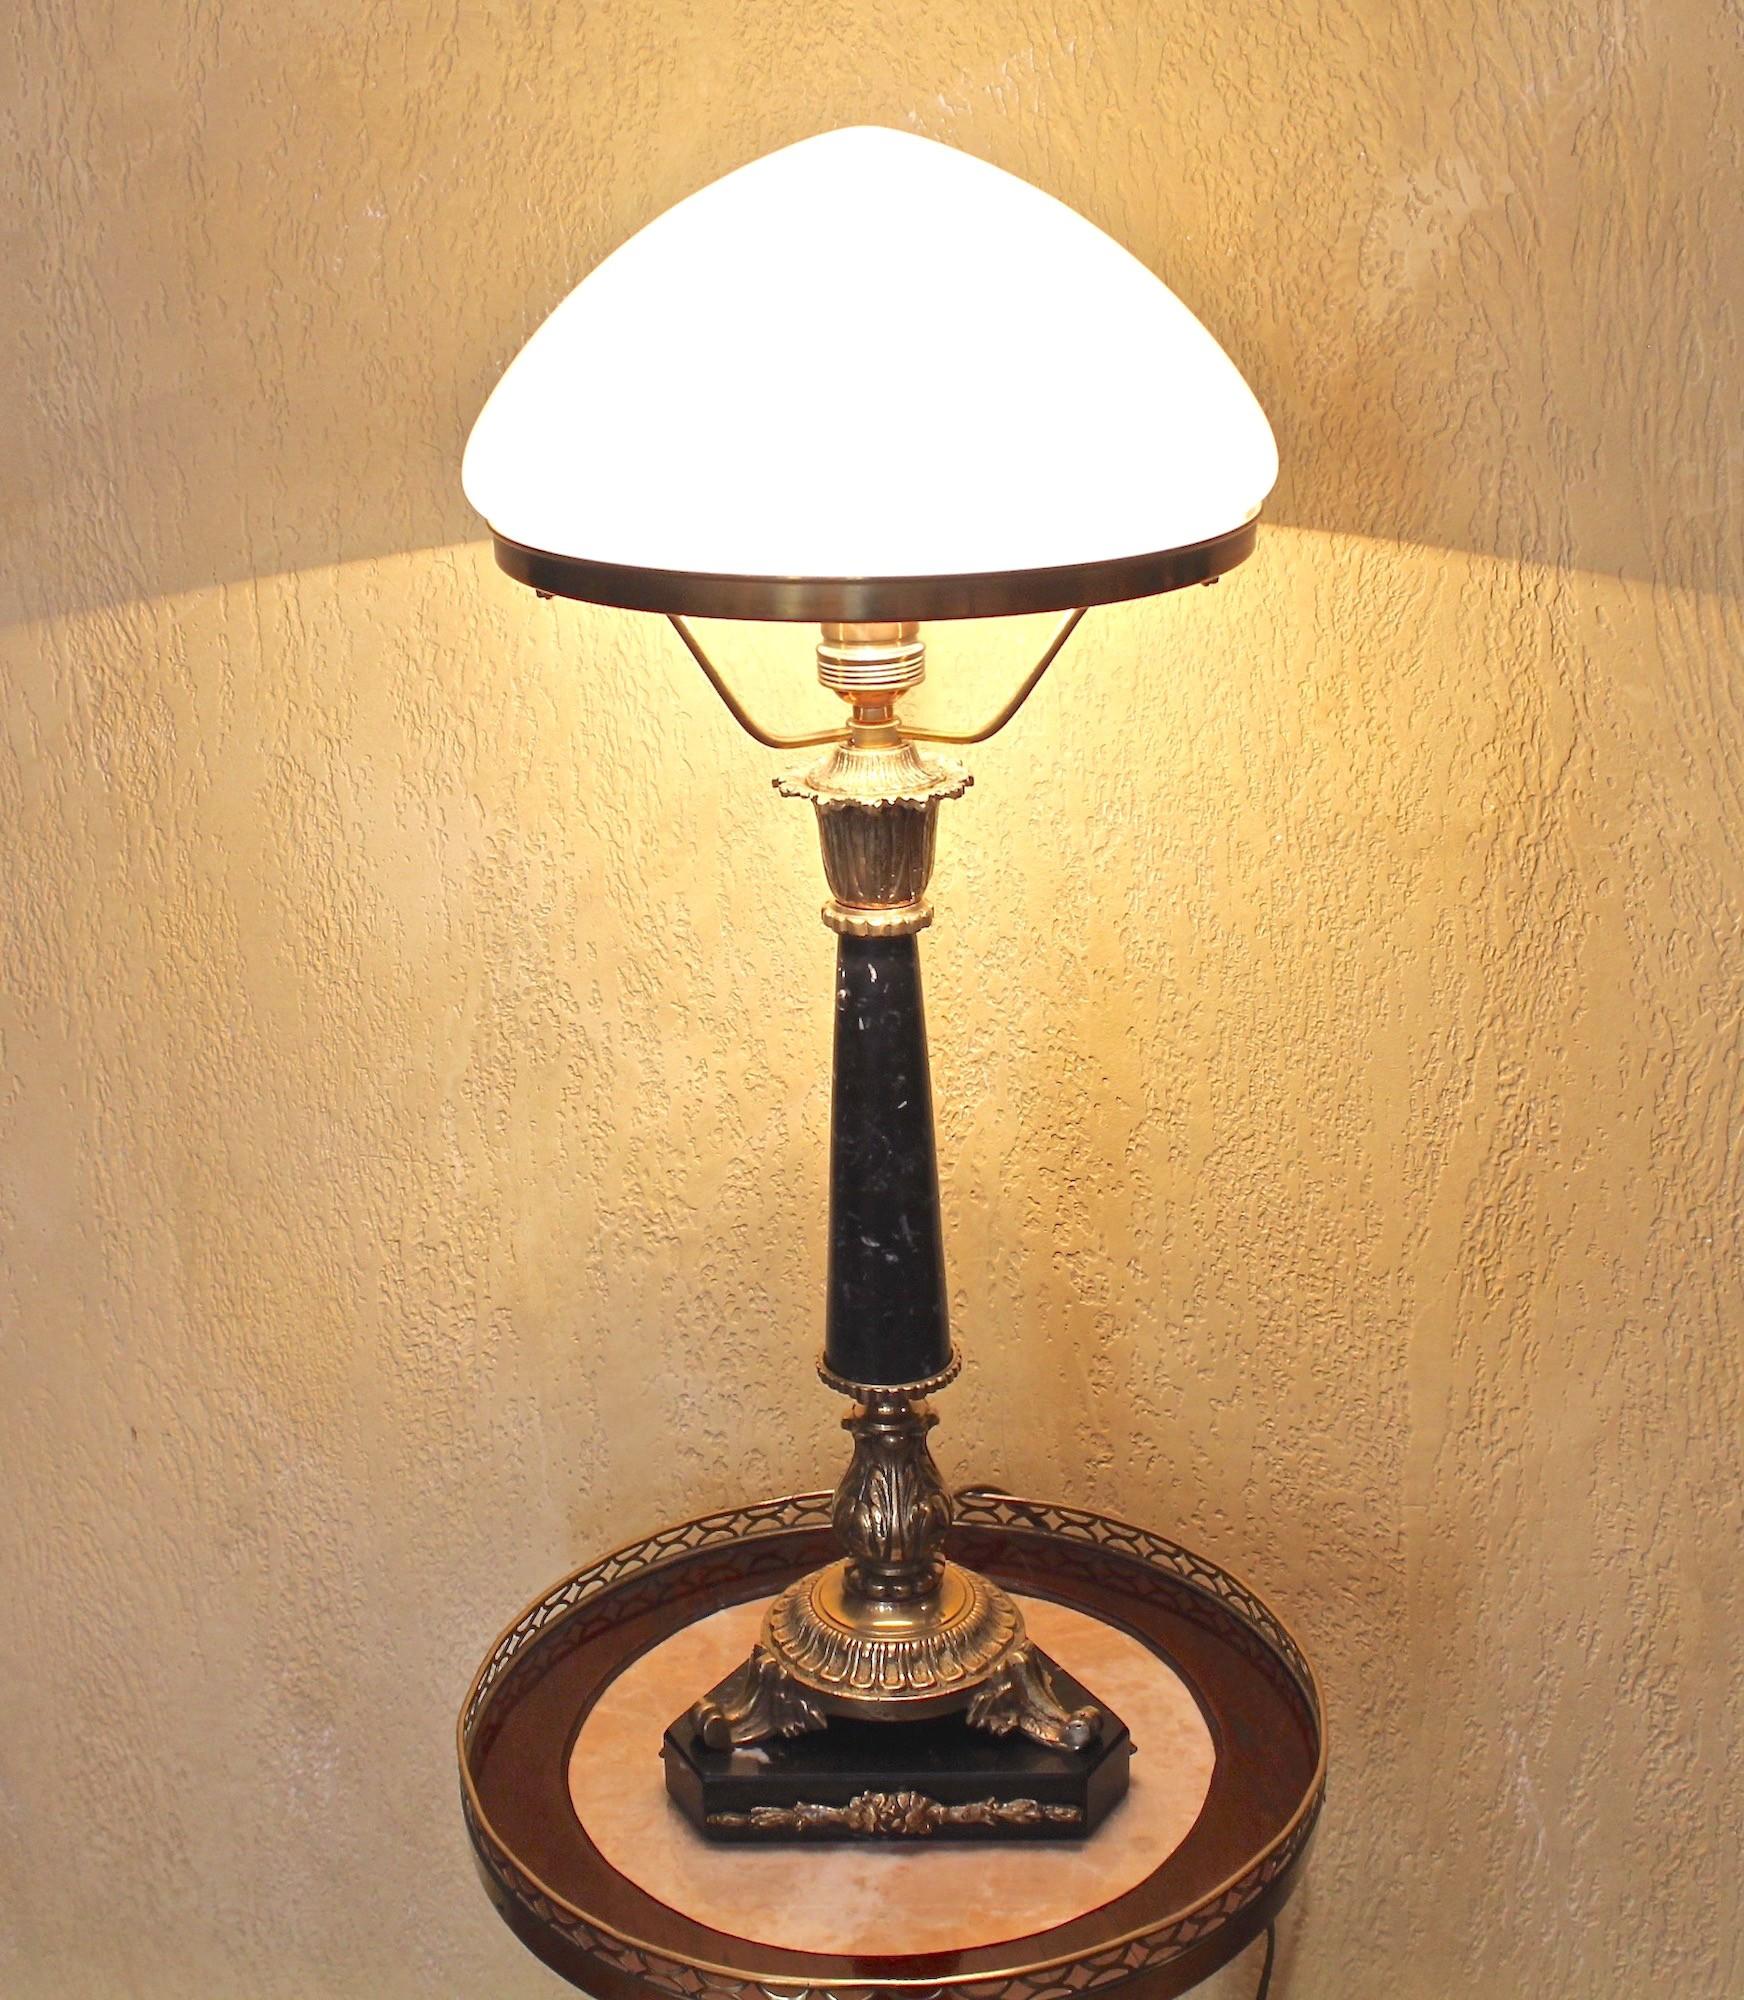 Настольные лампы Lumiere market — купить оптом в